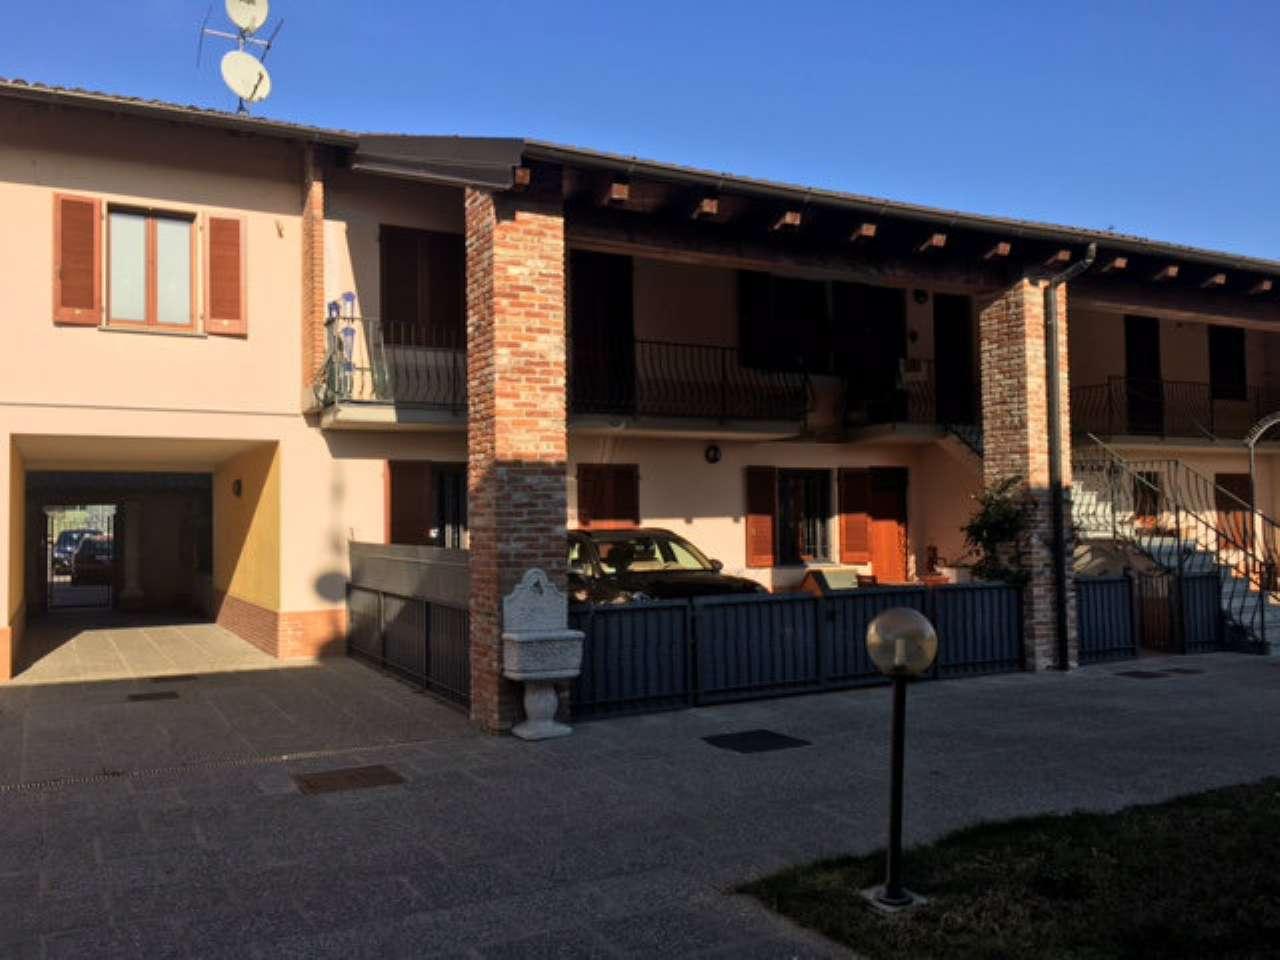 Appartamento in vendita a Linarolo, 3 locali, prezzo € 98.000 | Cambio Casa.it